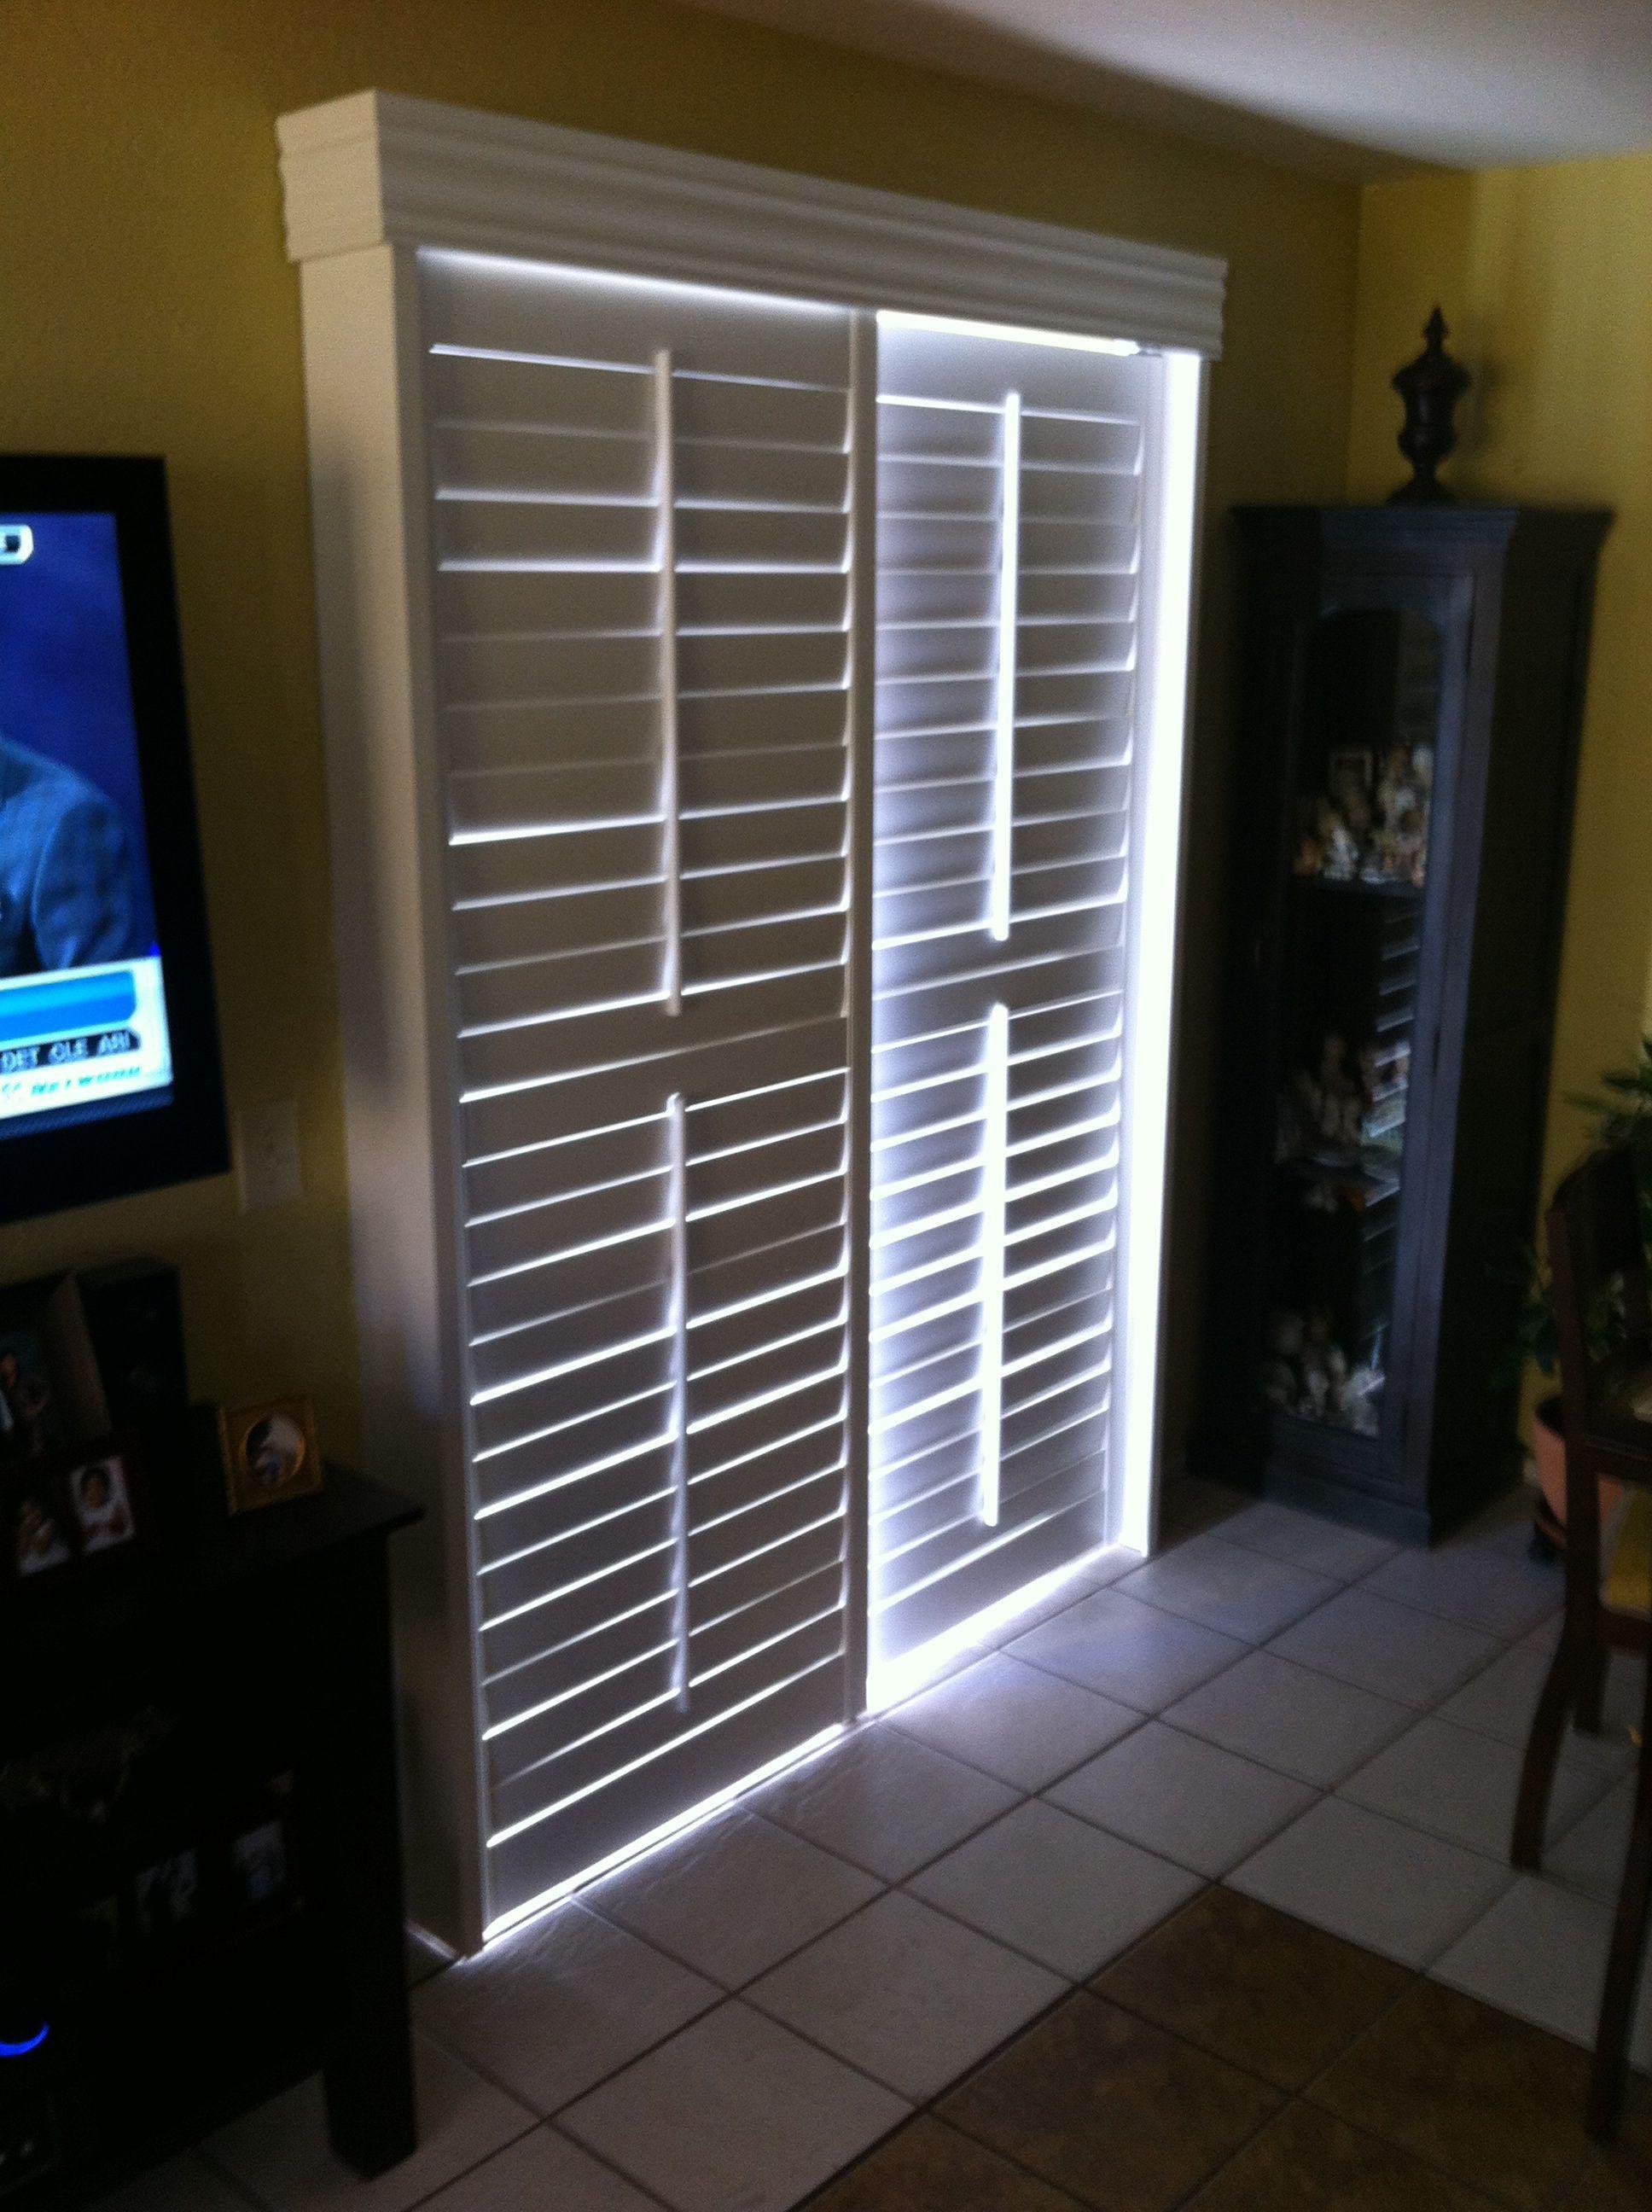 Door window coverings  sliding glass door shutter bedroom familyroom windowcoverings